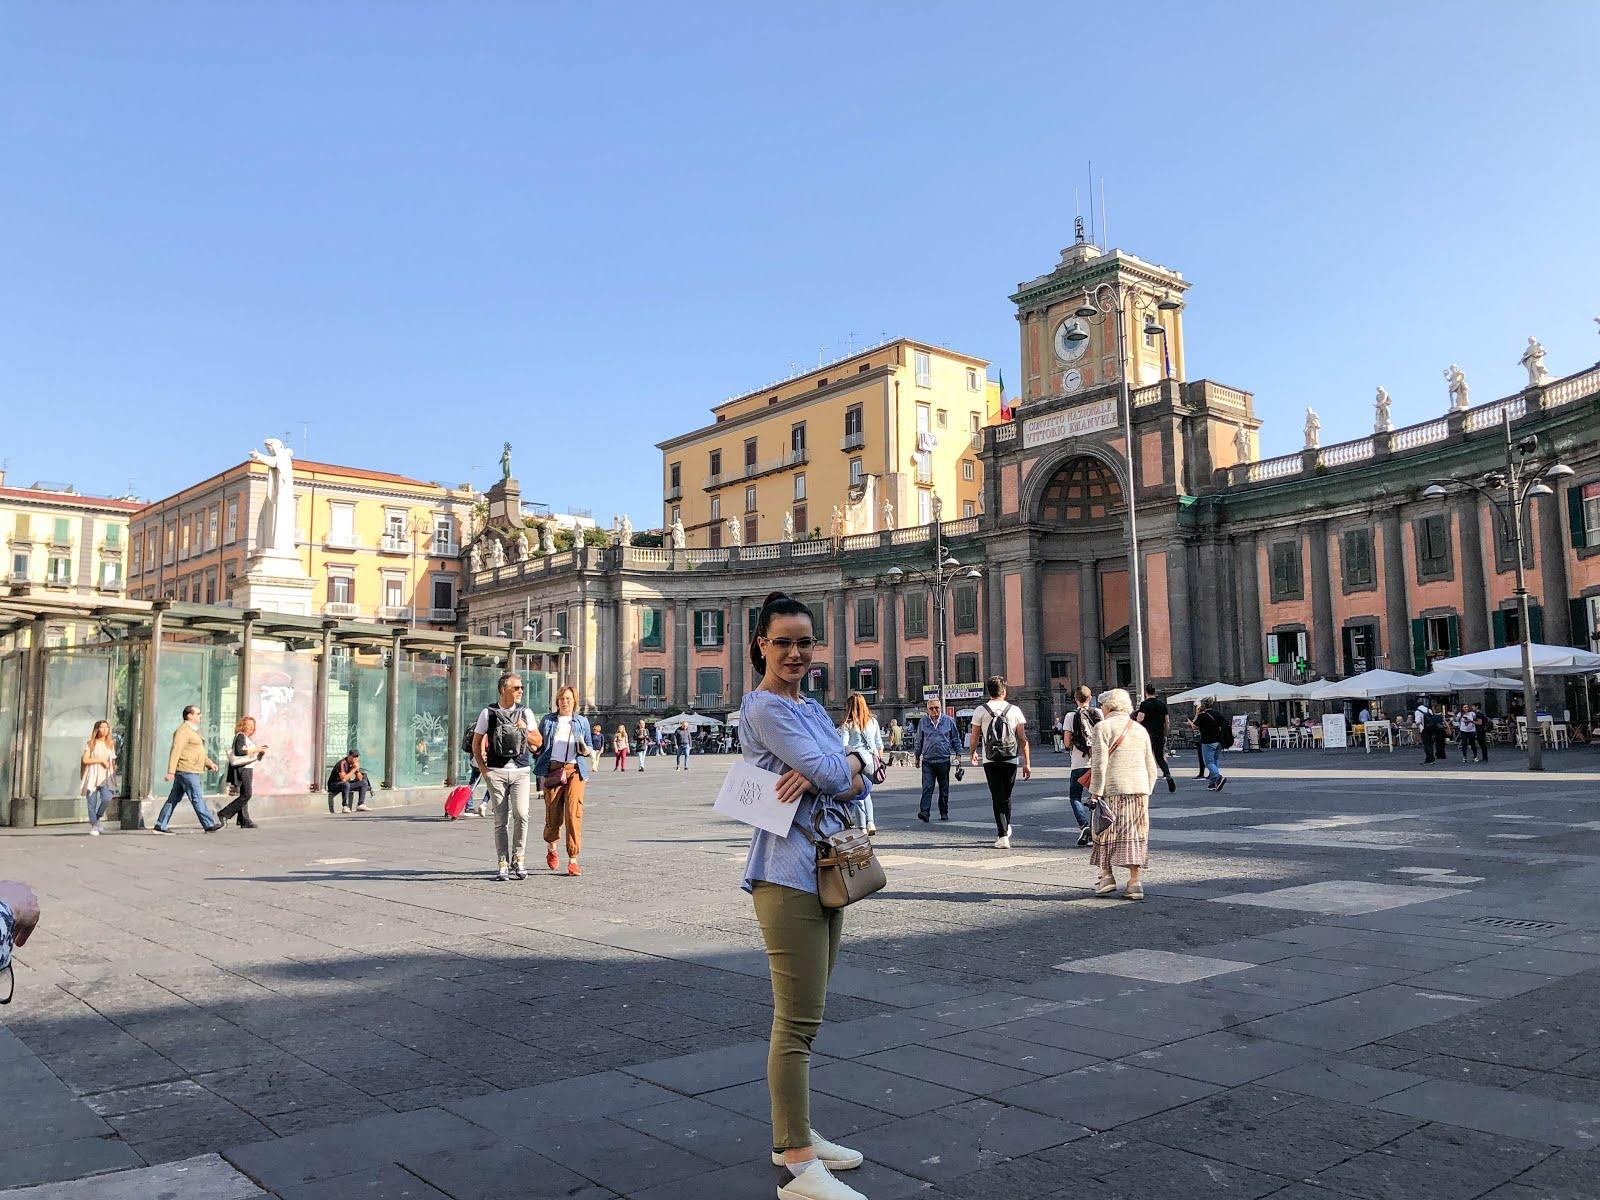 Convitto Nazionale, Piazza Dante